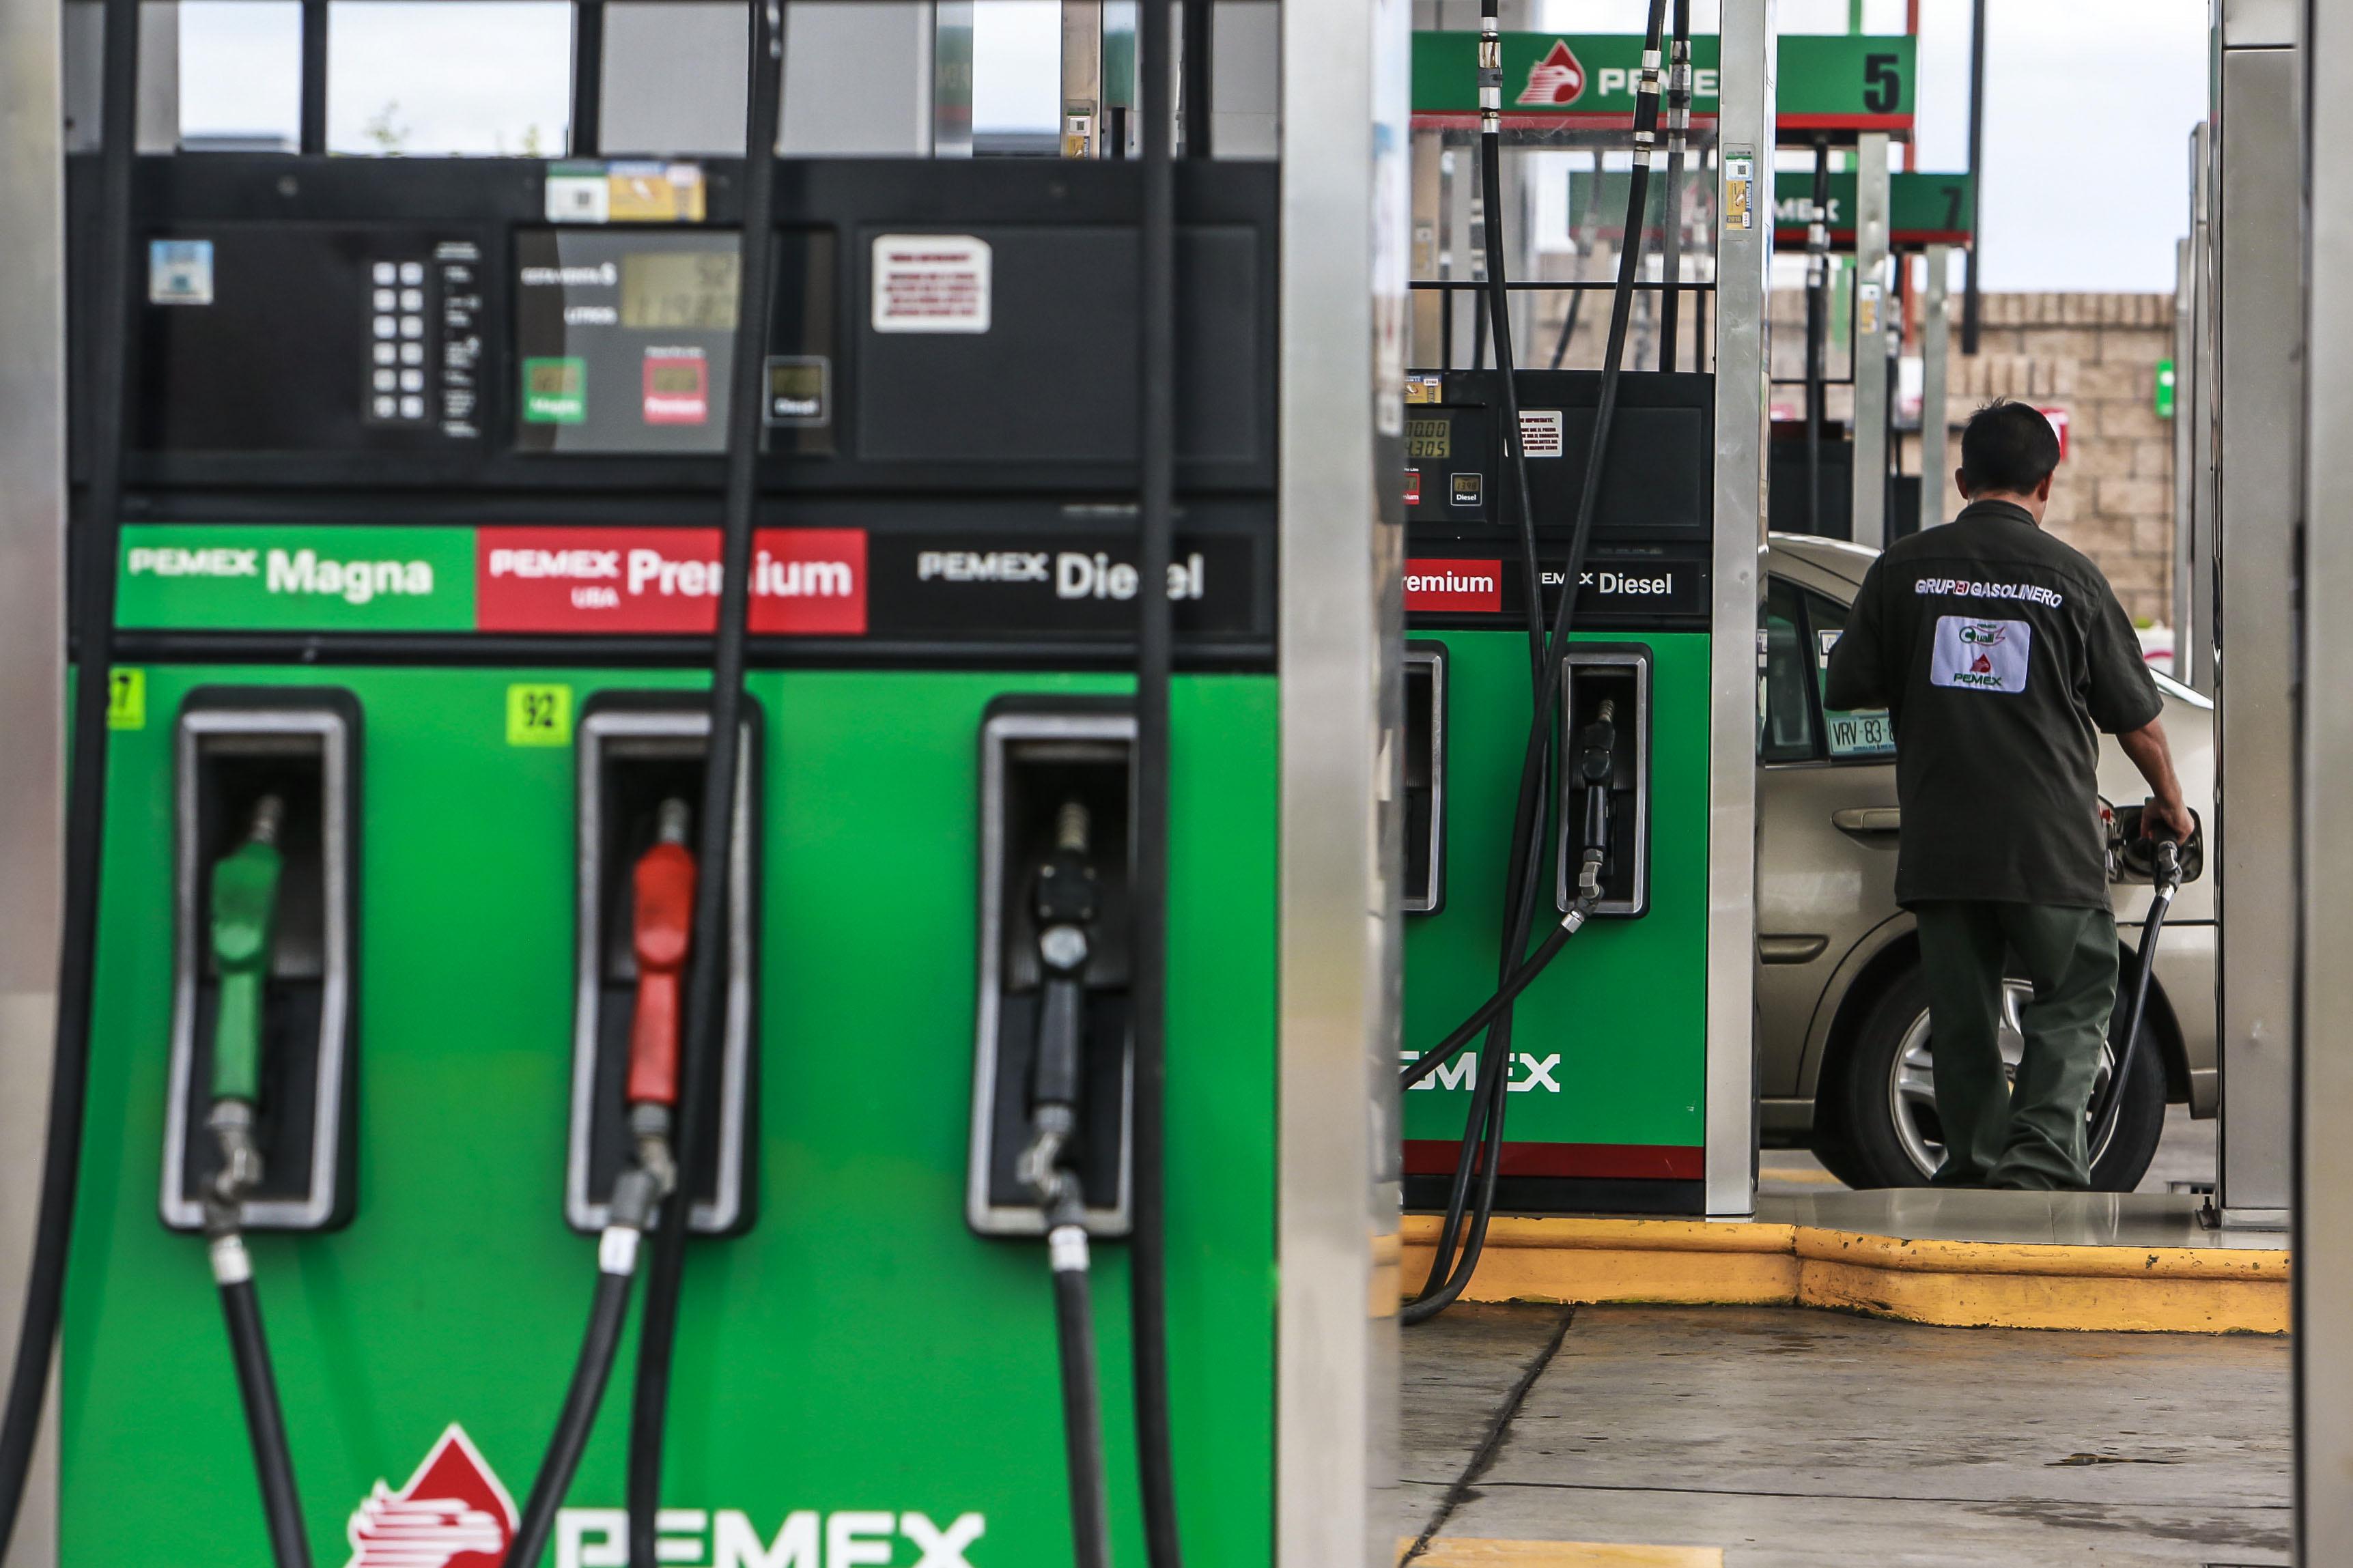 El gasto la gasolina el calculador onlayn